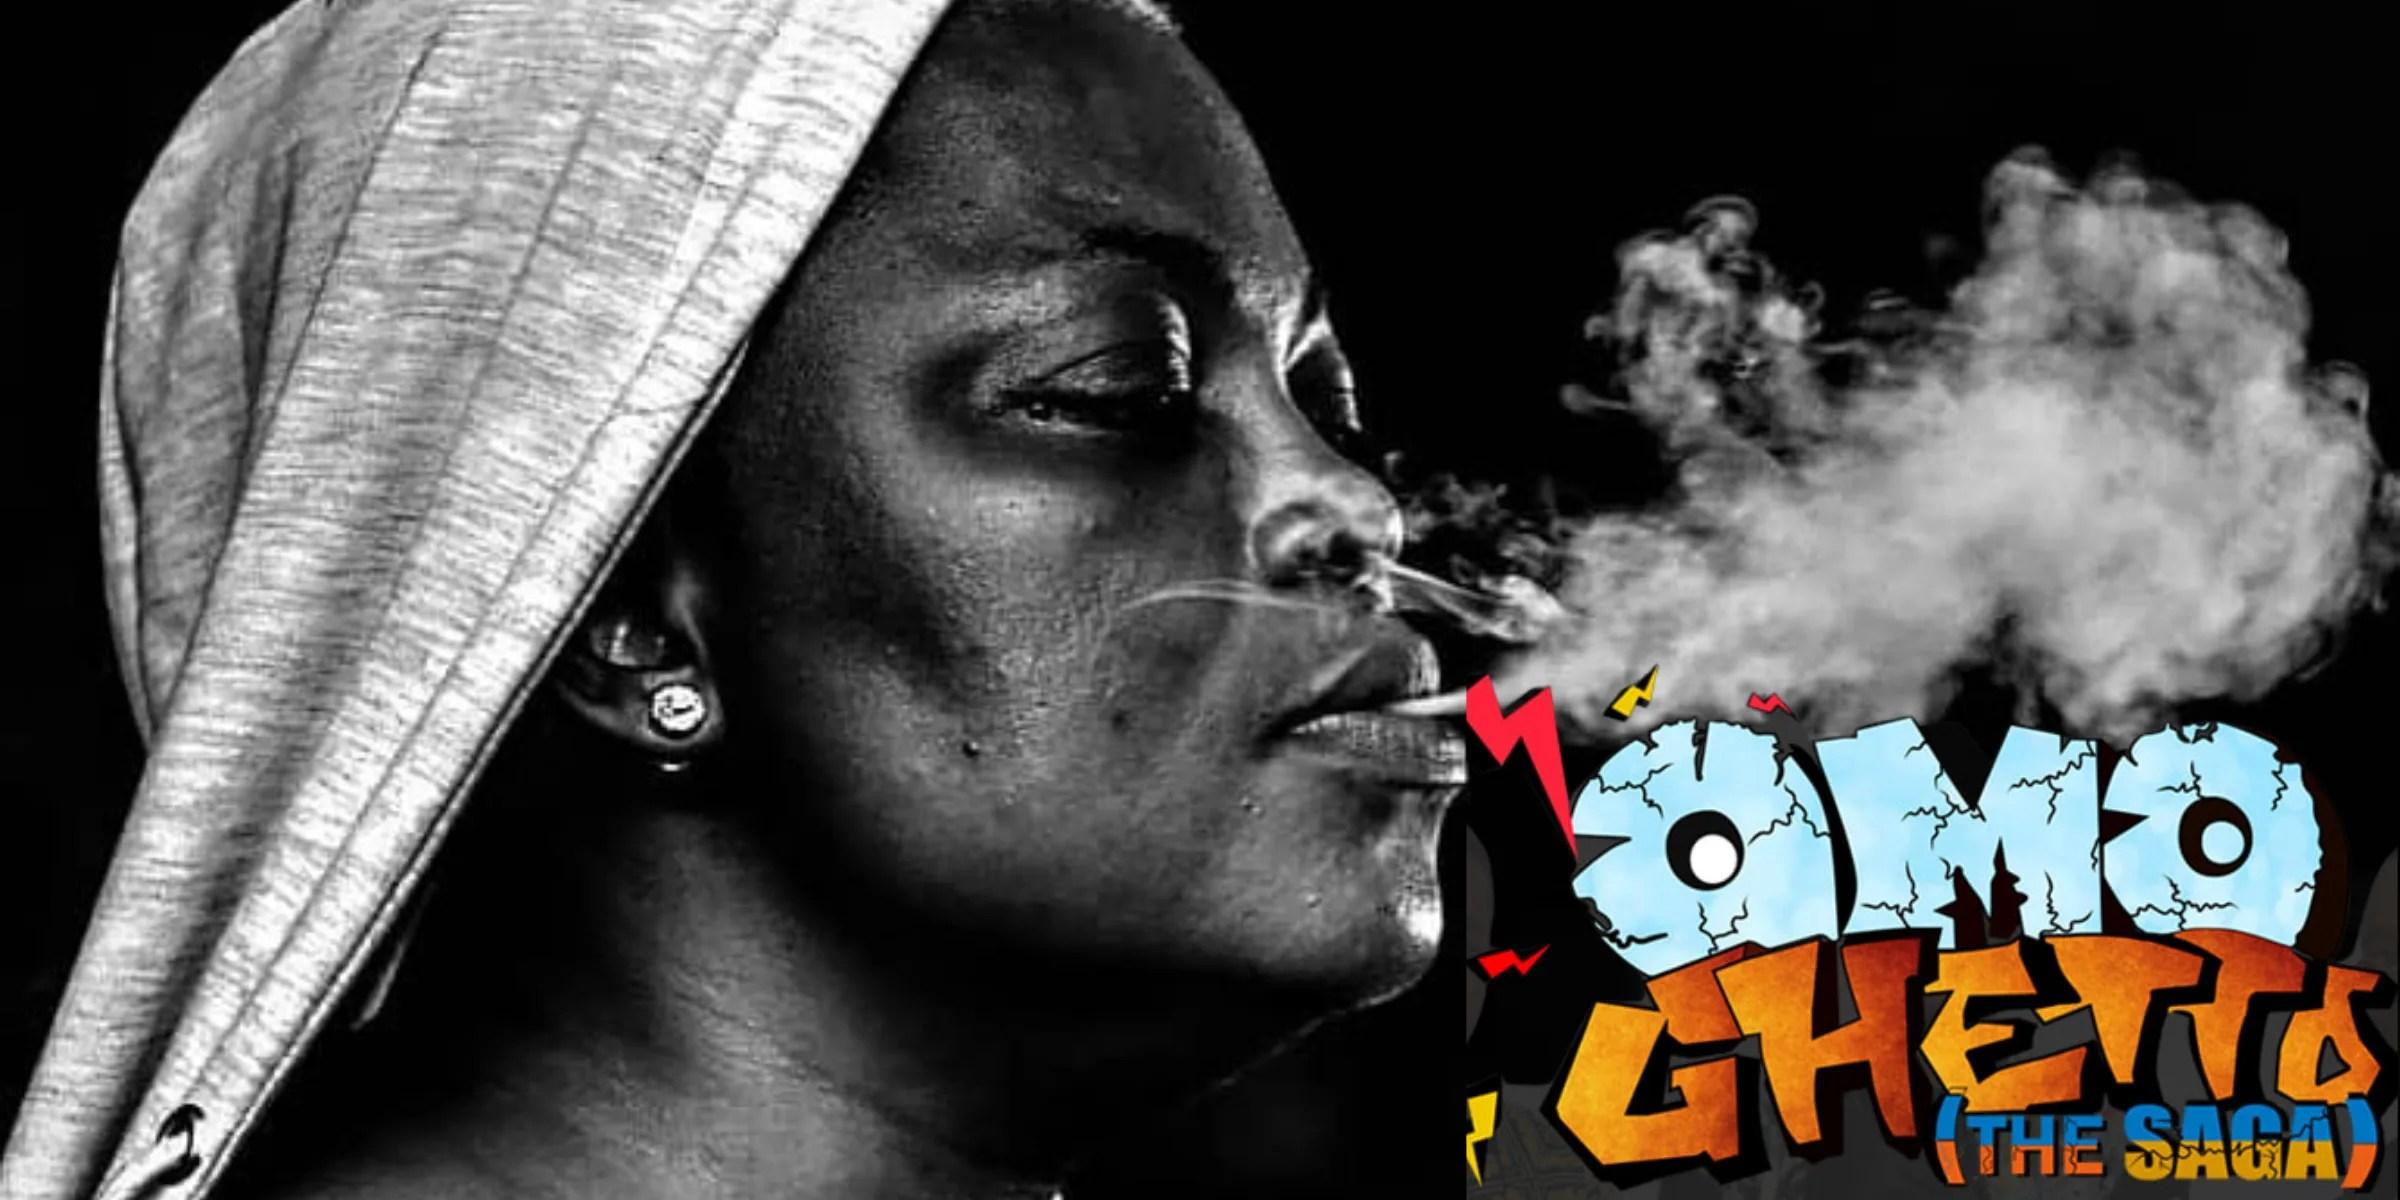 Omo Ghetto - The Saga